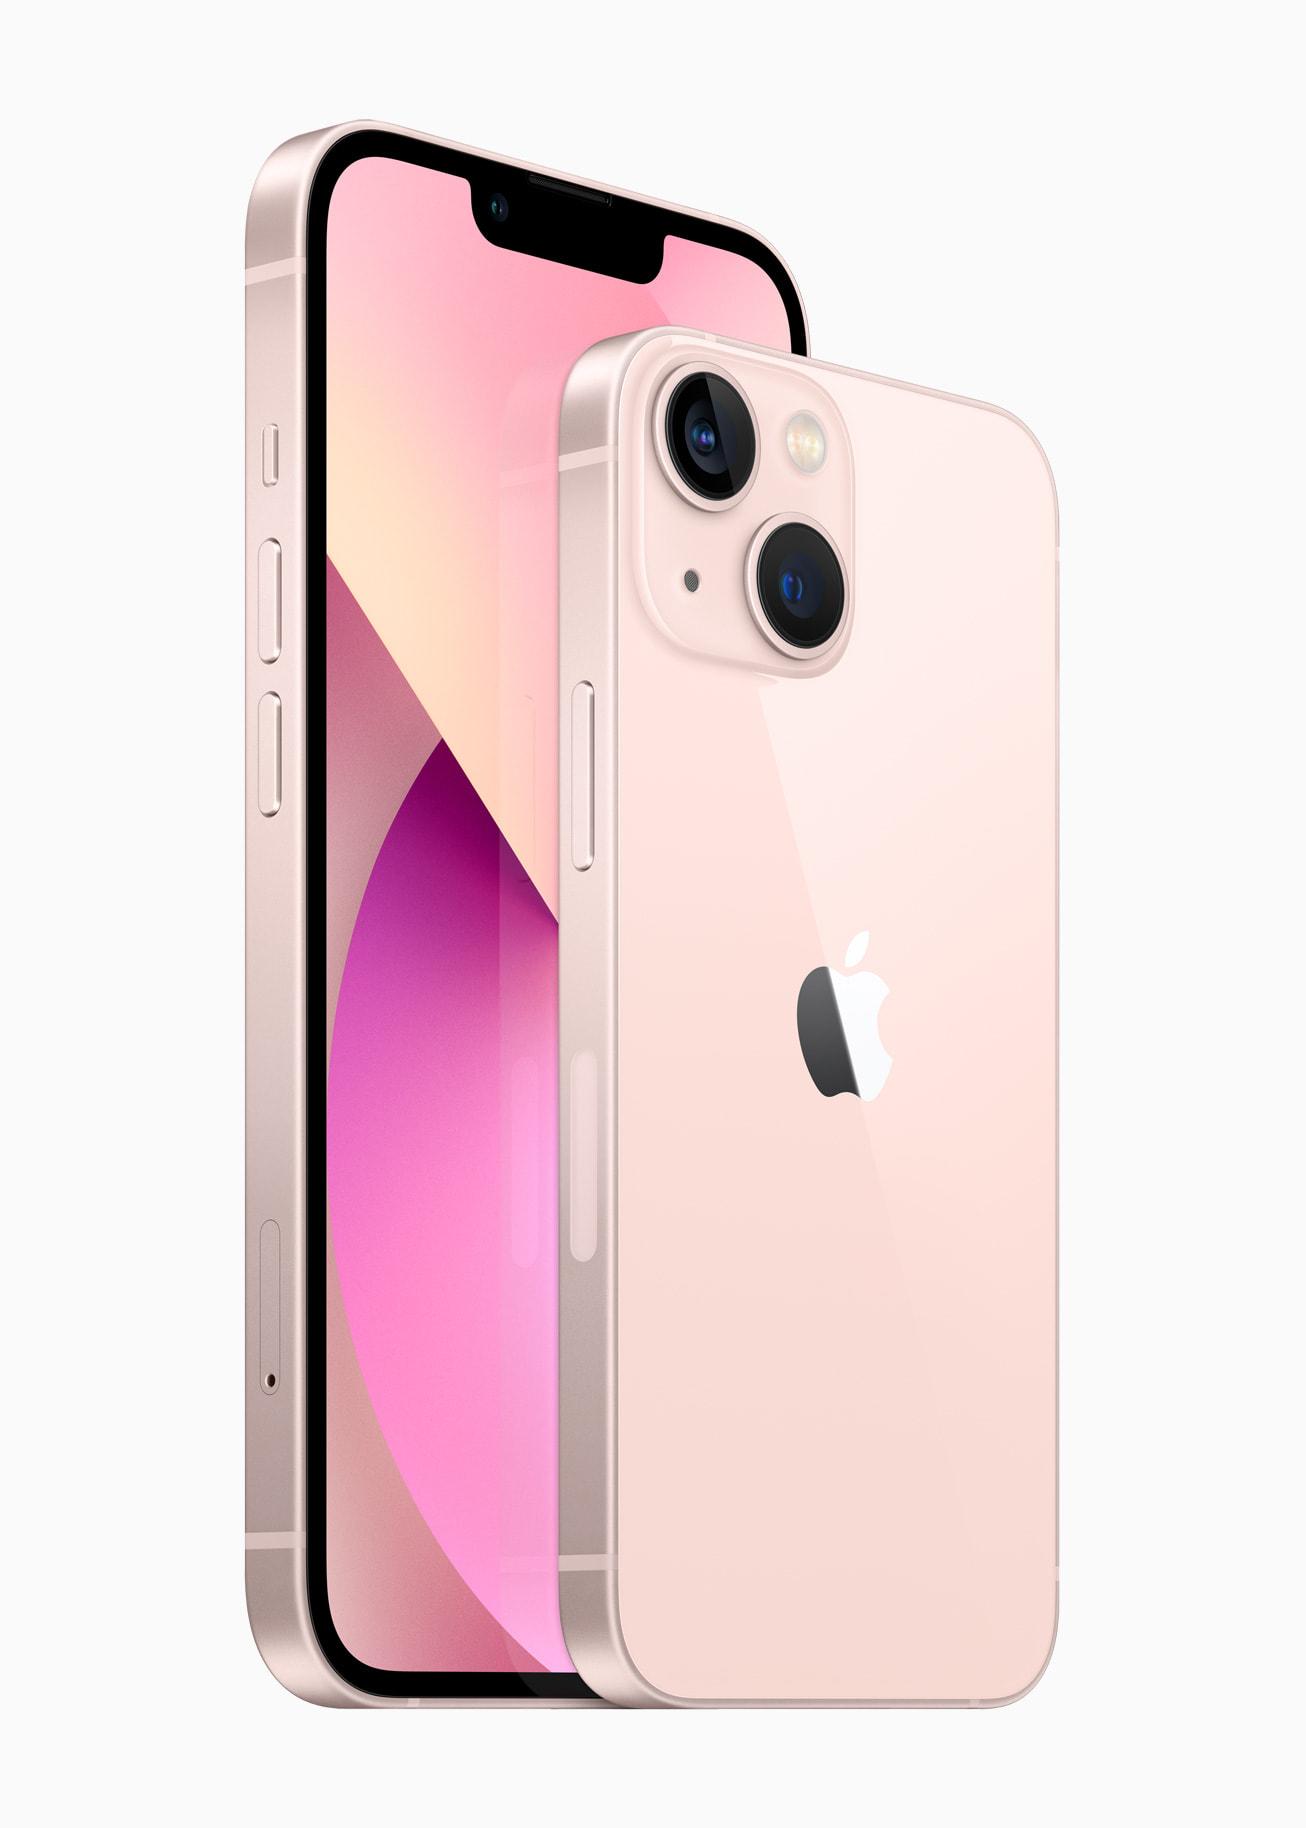 מכשירי אייפון 13 ואייפון 13 מיני. צילום יחצ, אפל